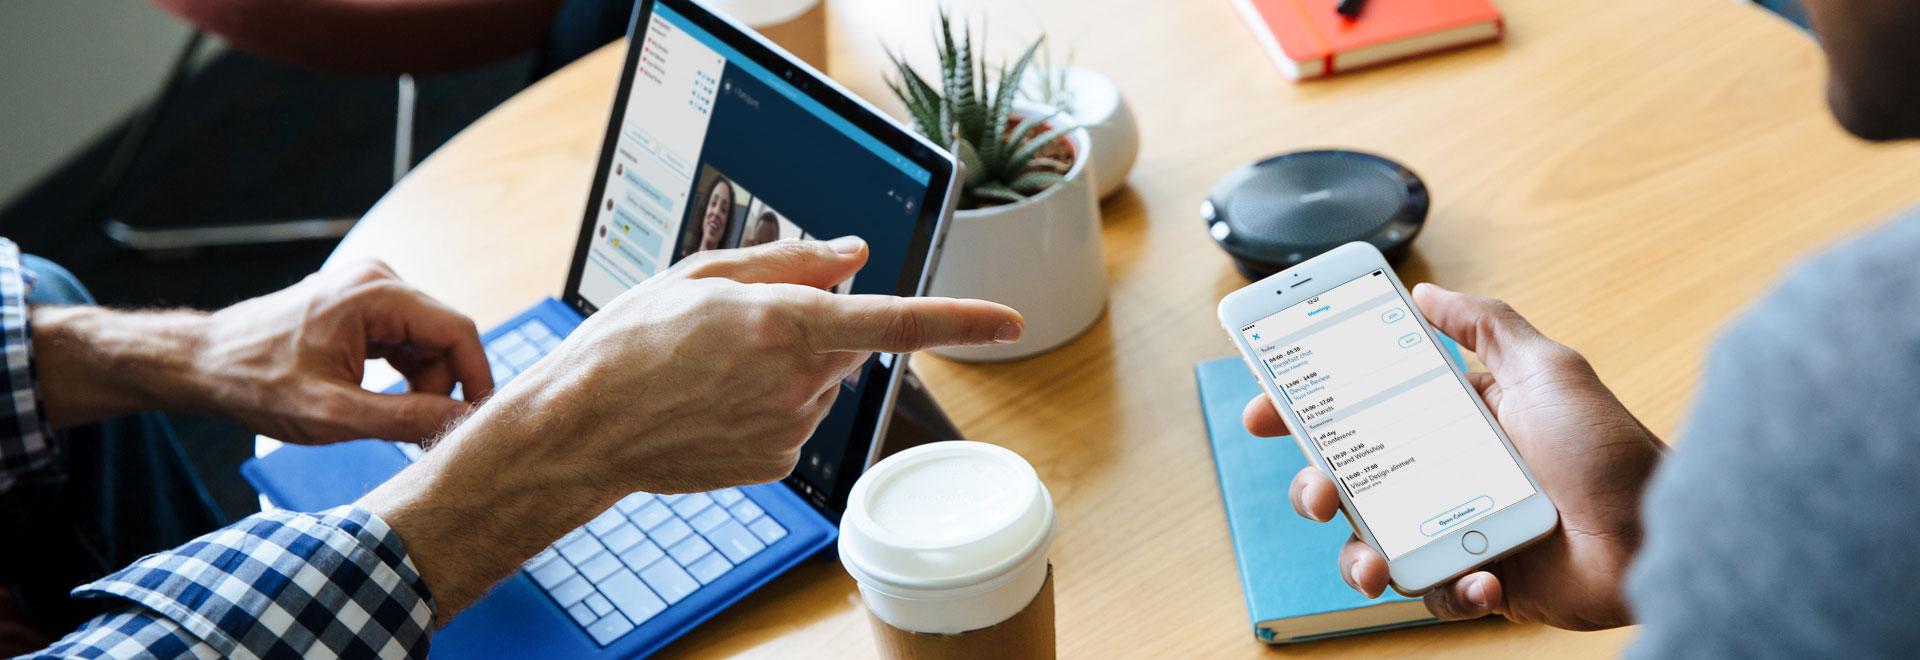 Dvě osoby u stolu, jedna s telefonem a druhá s přenosným počítačem, používající Skype pro firmy